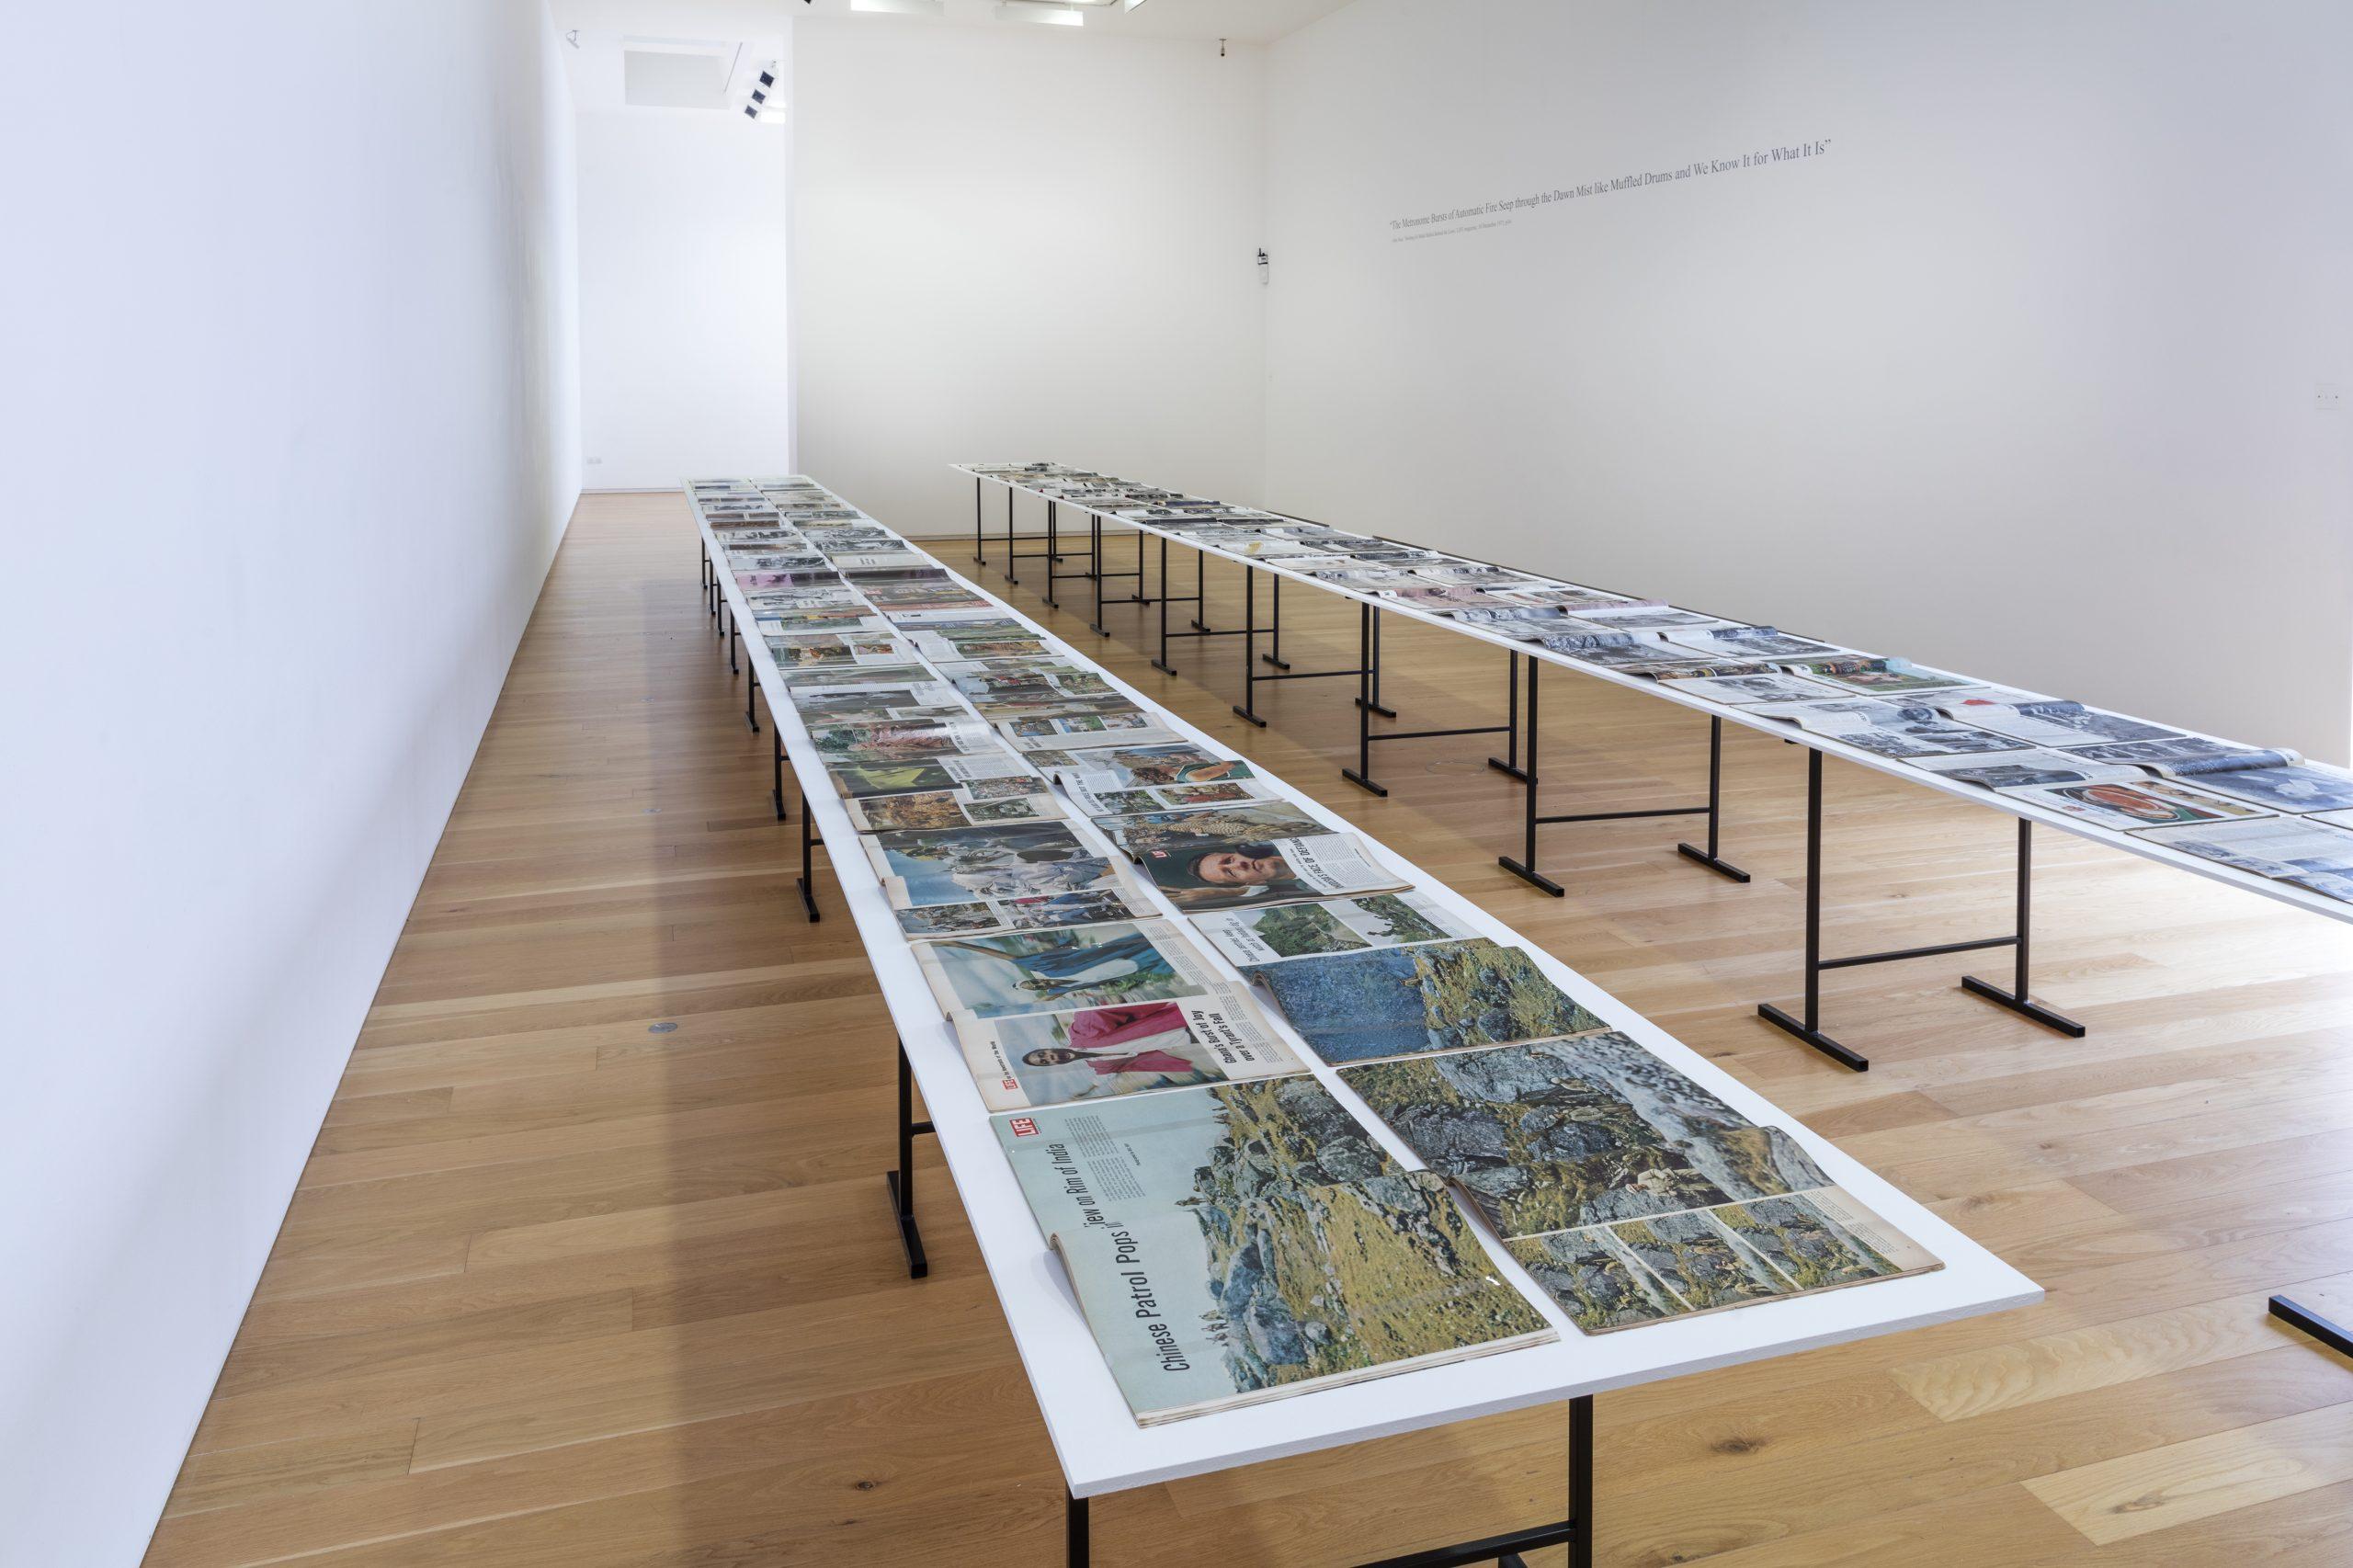 Sven Augustijnen - installation view at Hugh Lane, Dublin, 2016